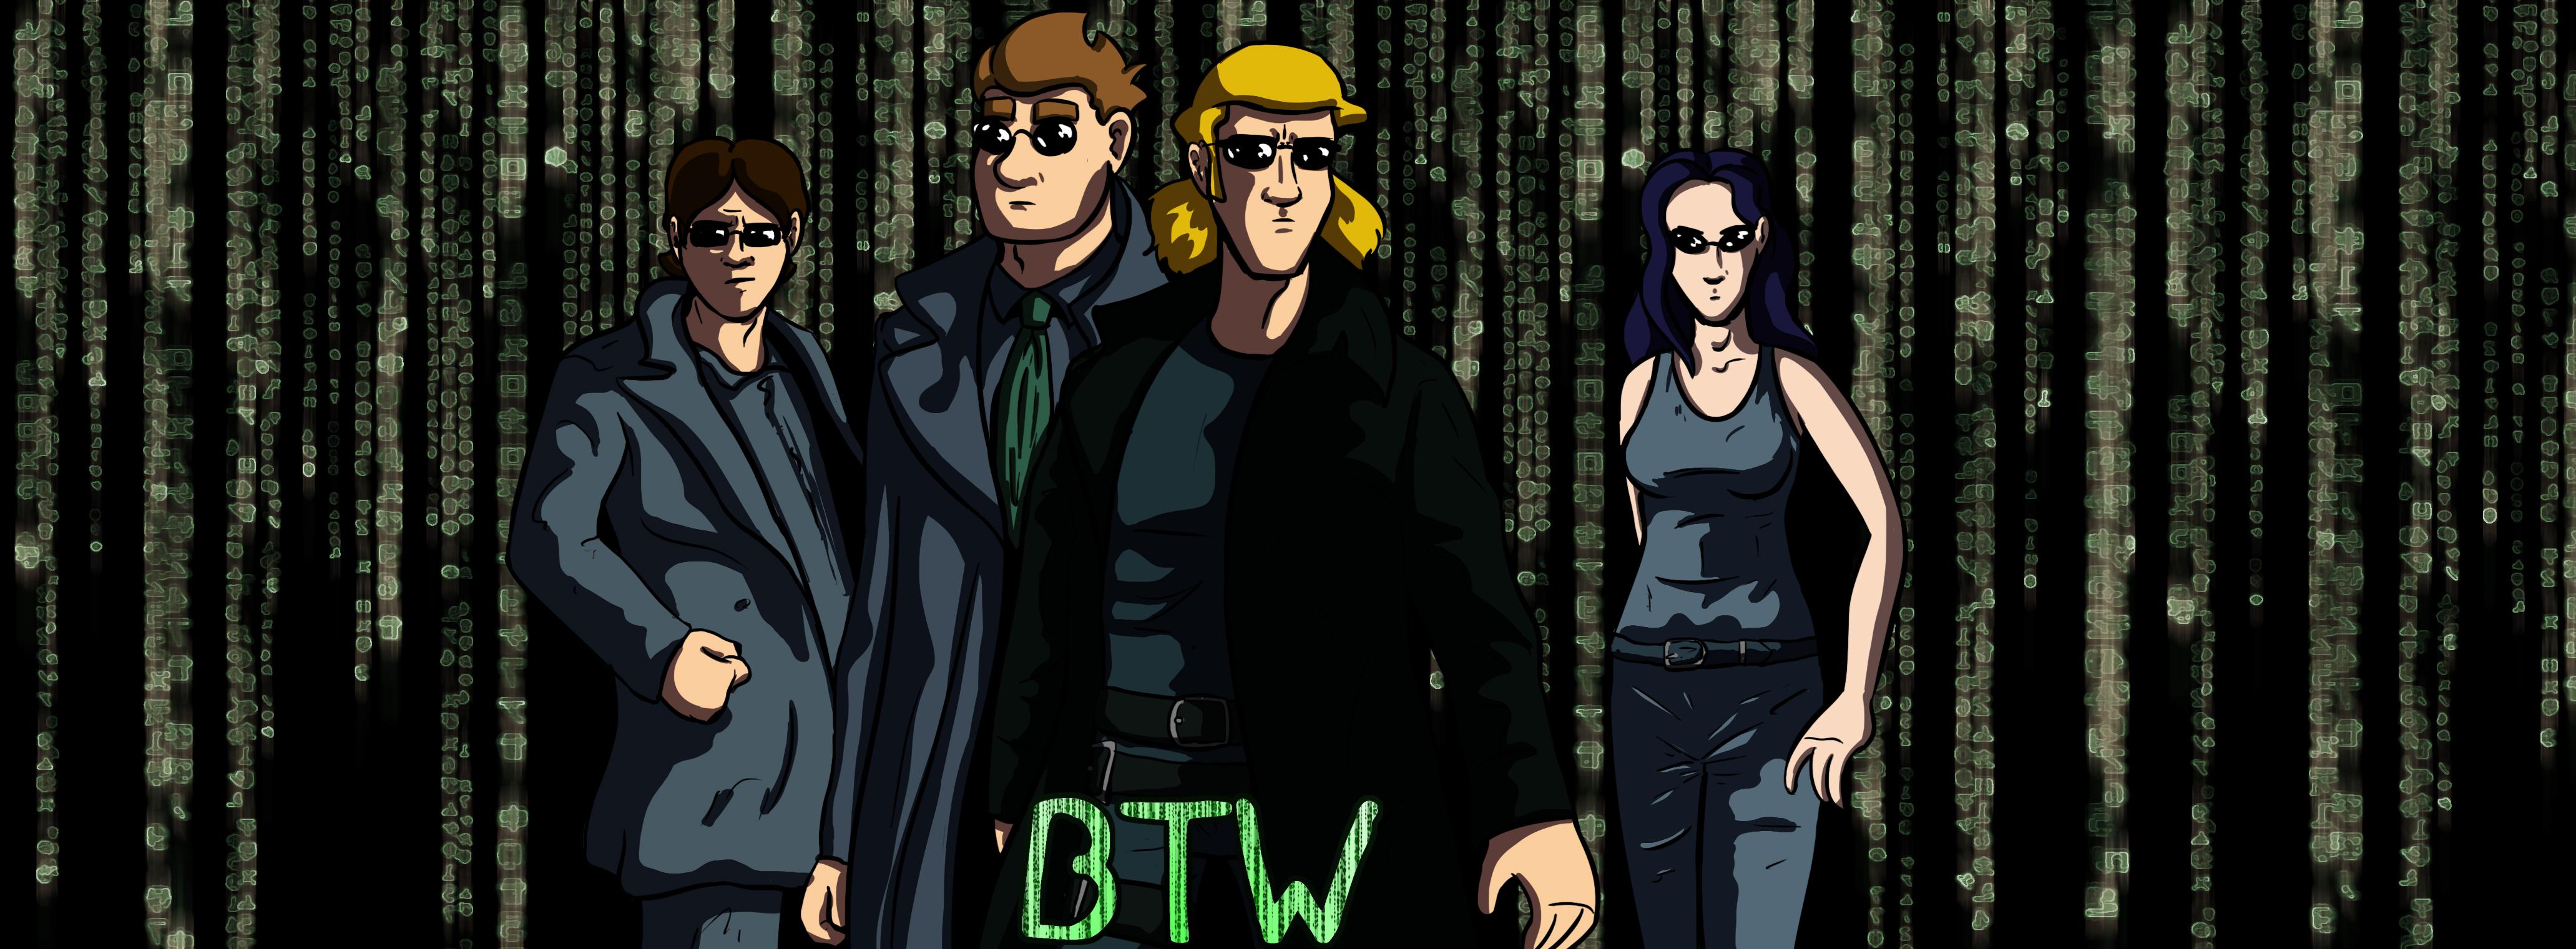 enter the BTW